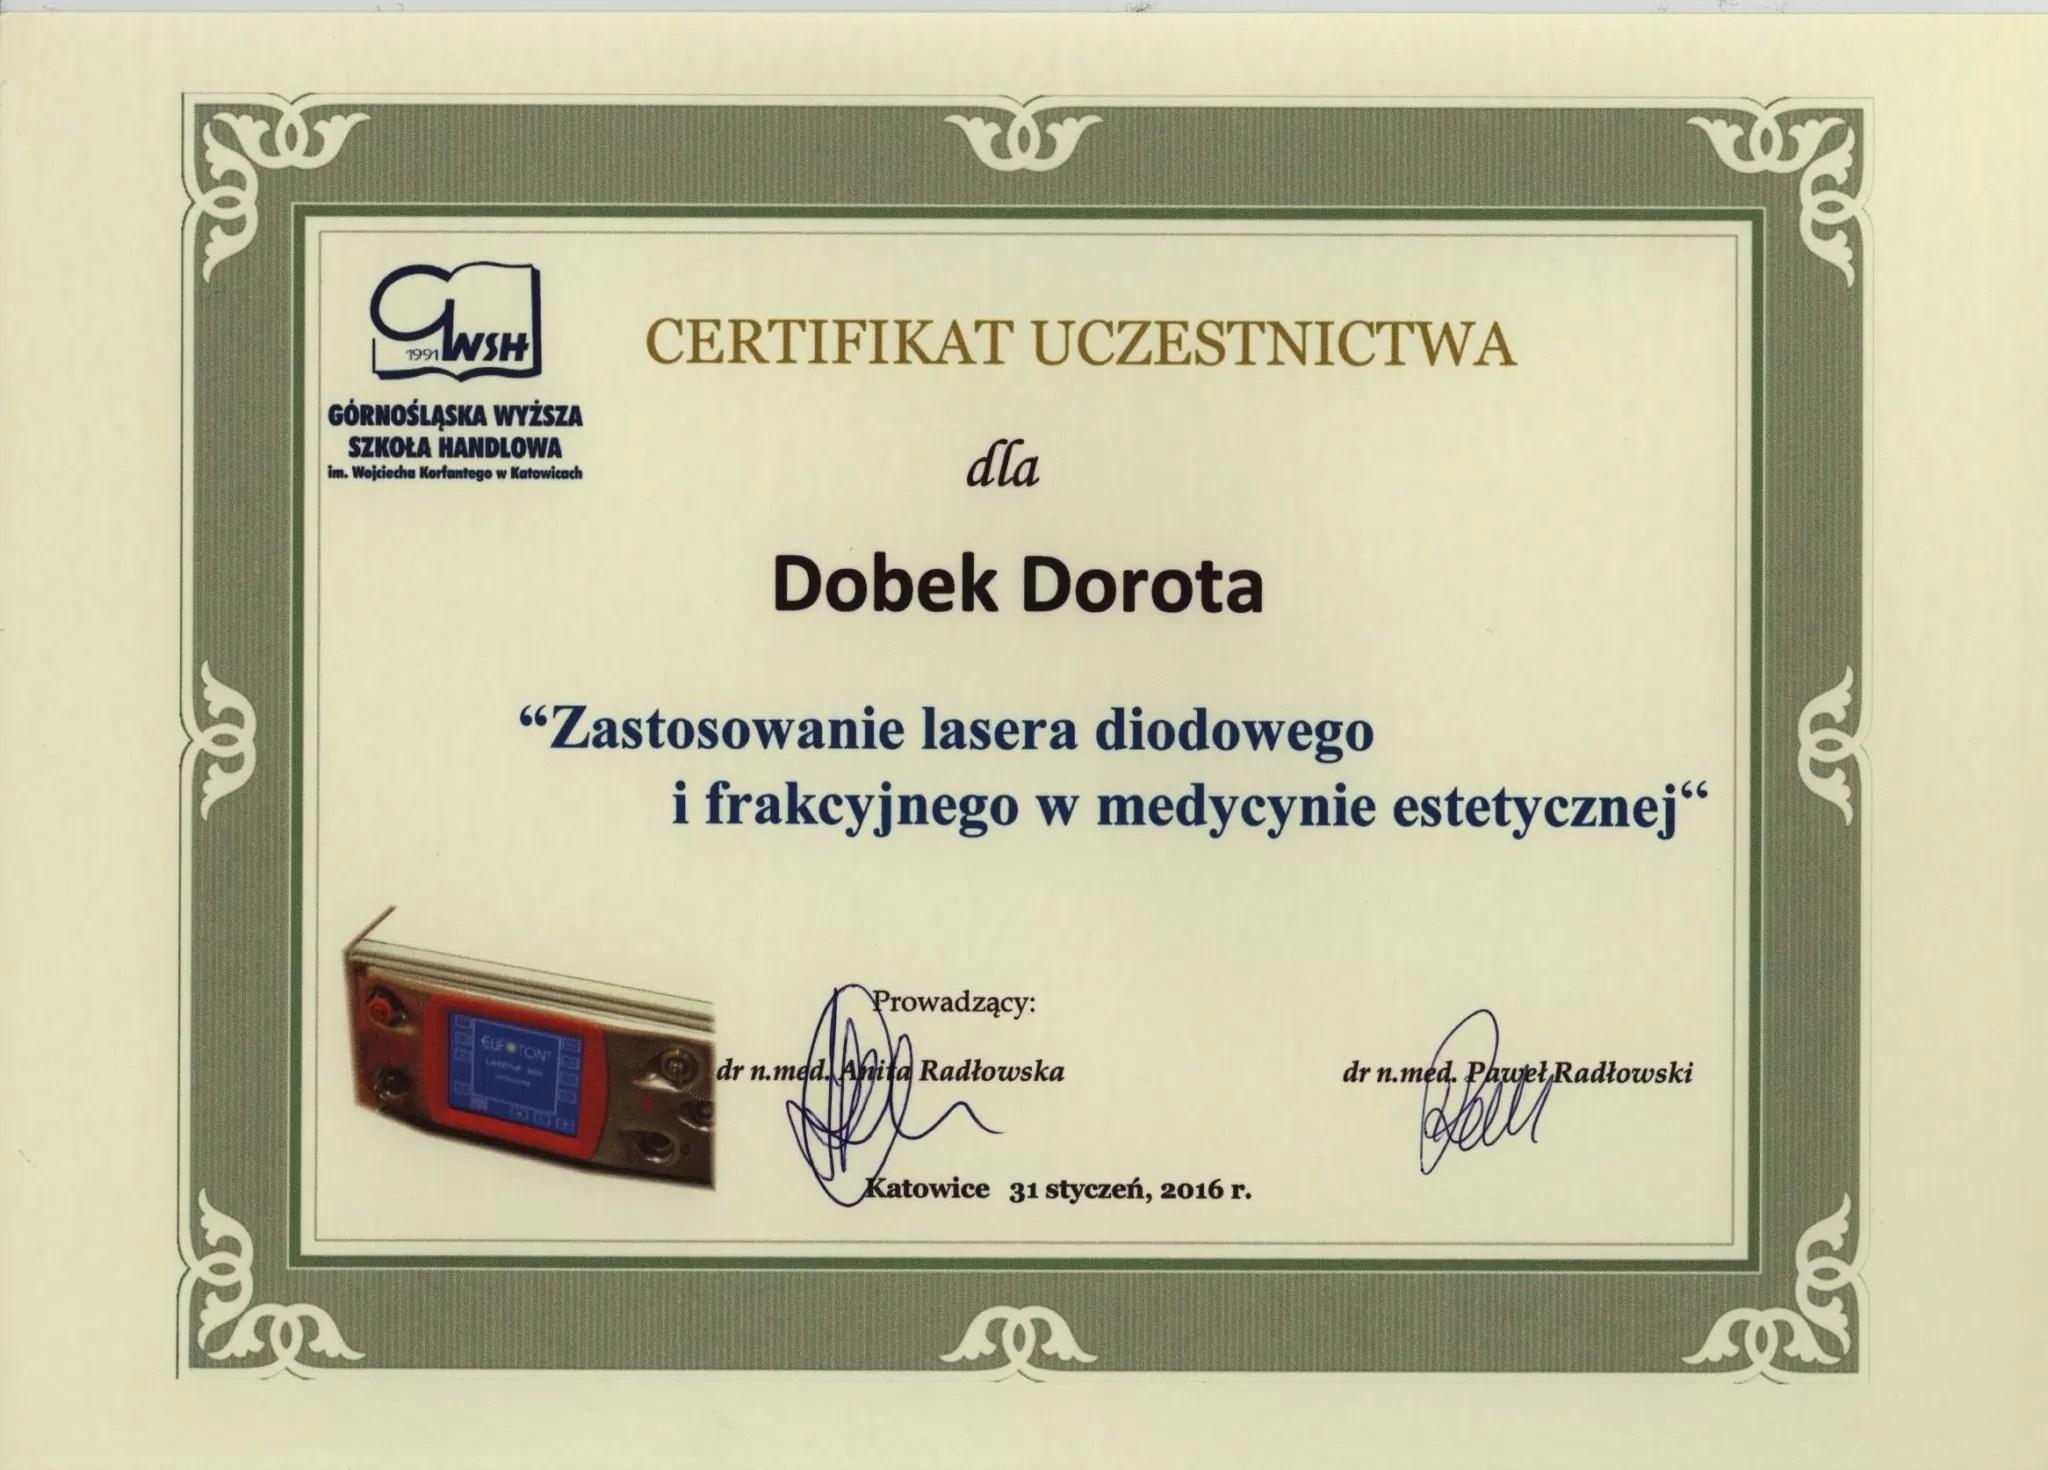 certyfikat - Dorota Dobek